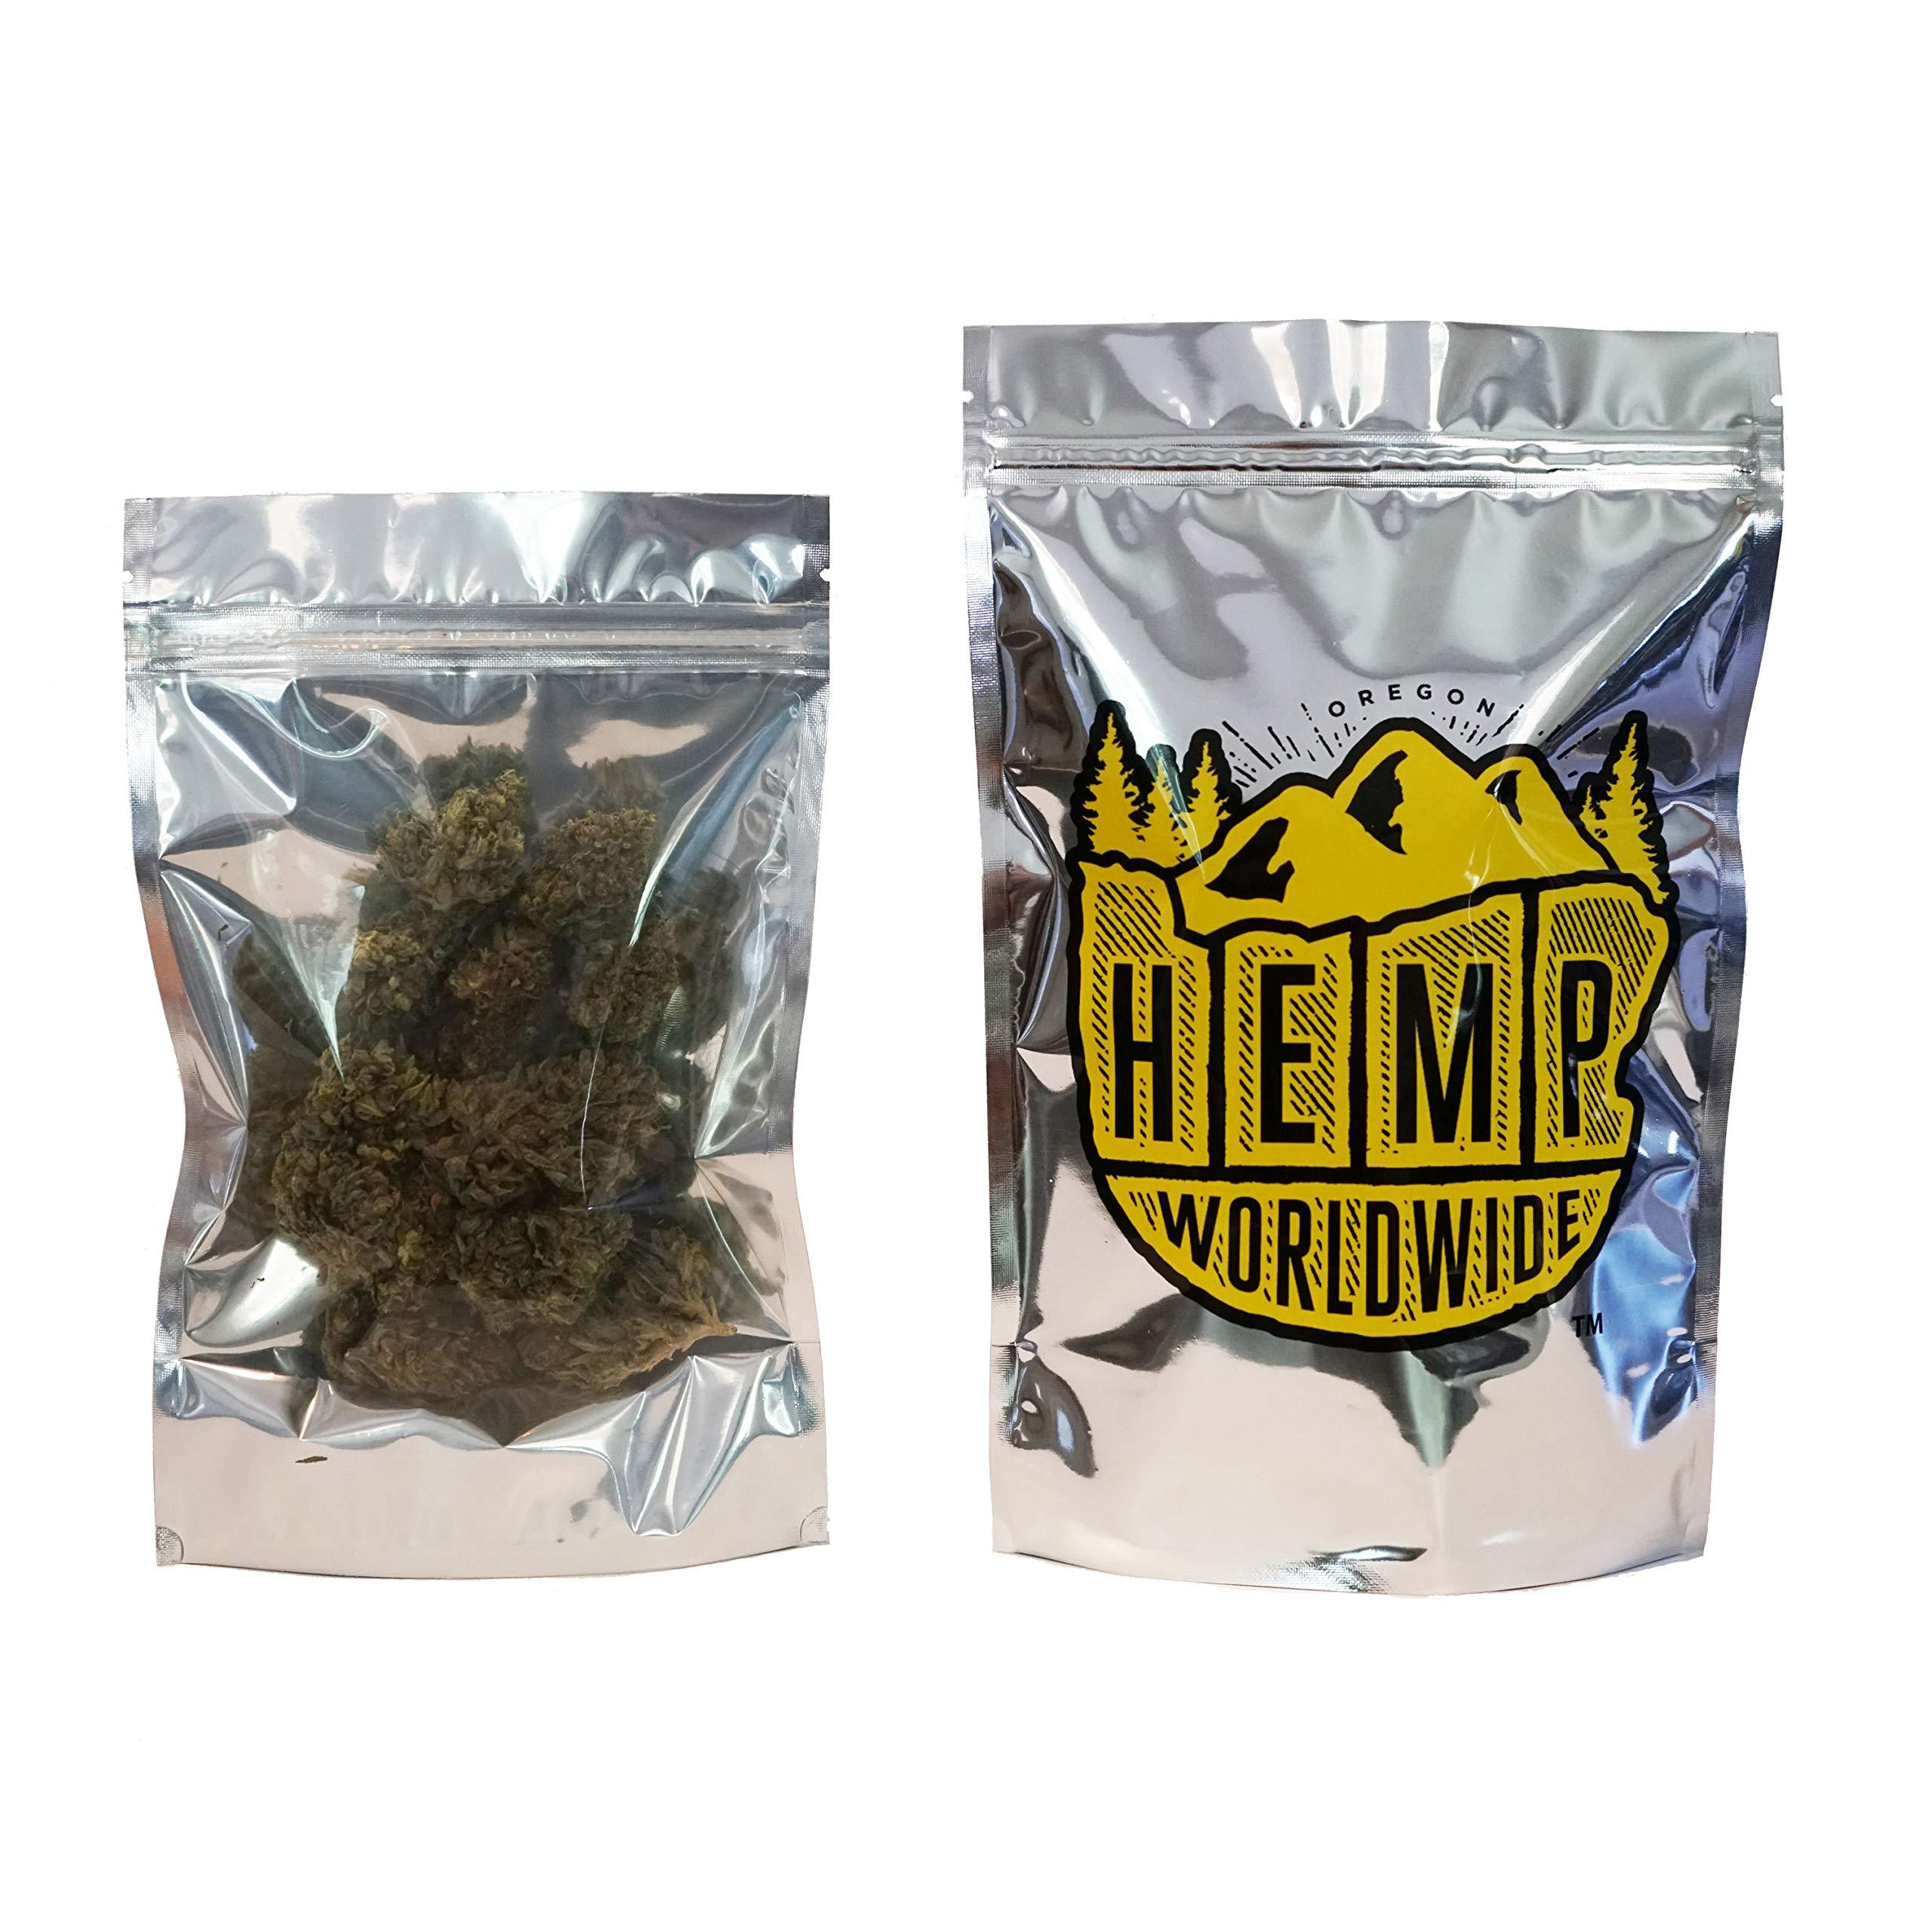 Hemp Flower - Kush Hemp (14g) by Hemp Worldwide